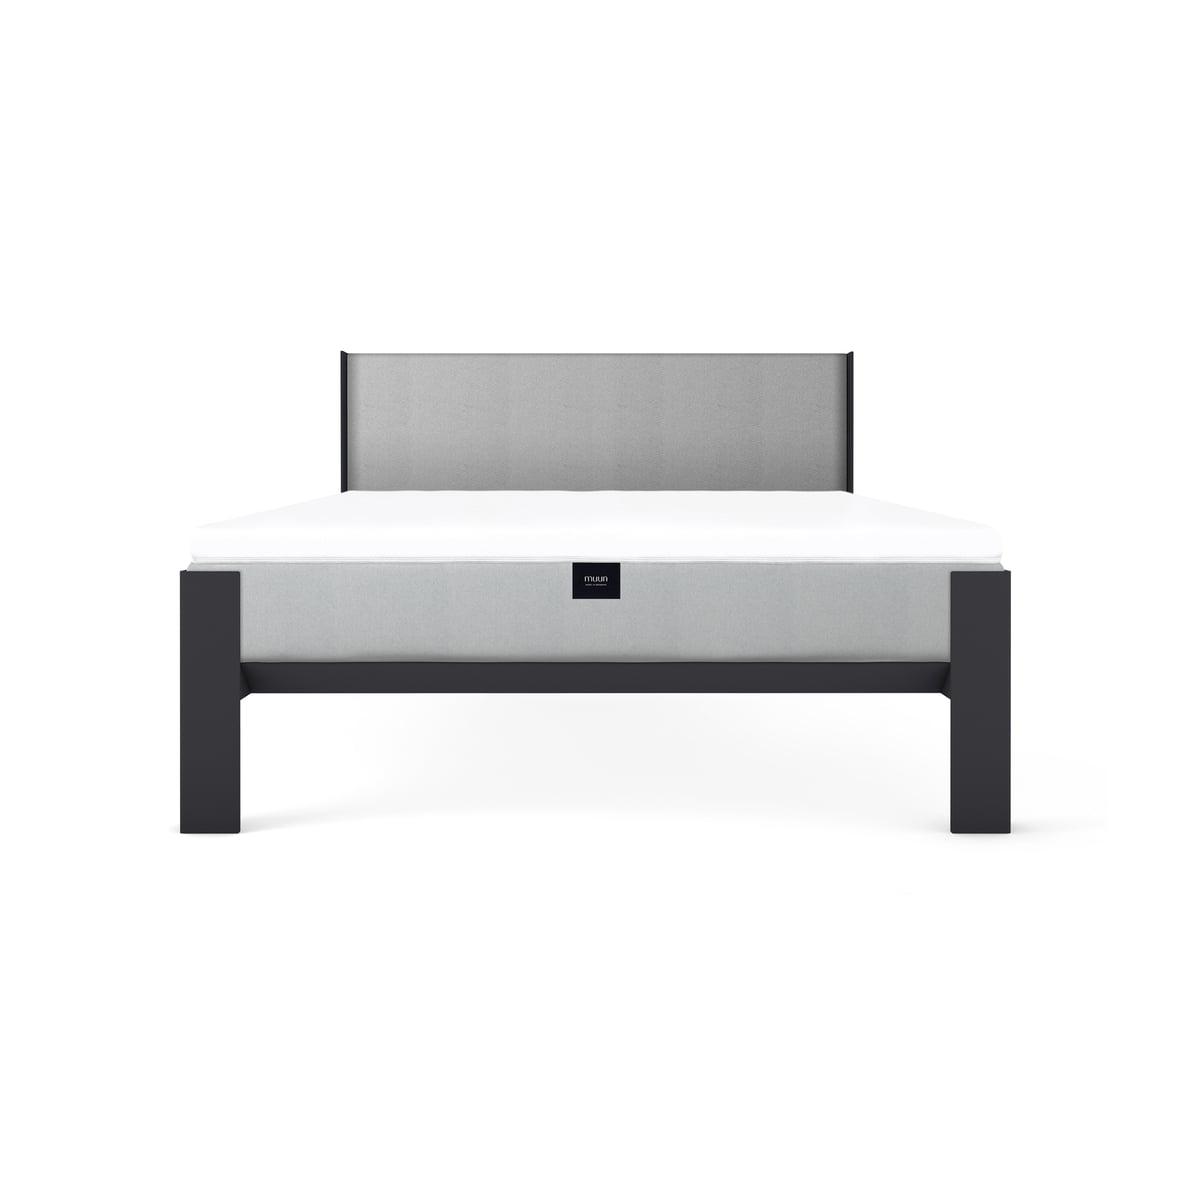 muun bett mit kopfteil 140 x 200 cm anthrazit grau. Black Bedroom Furniture Sets. Home Design Ideas